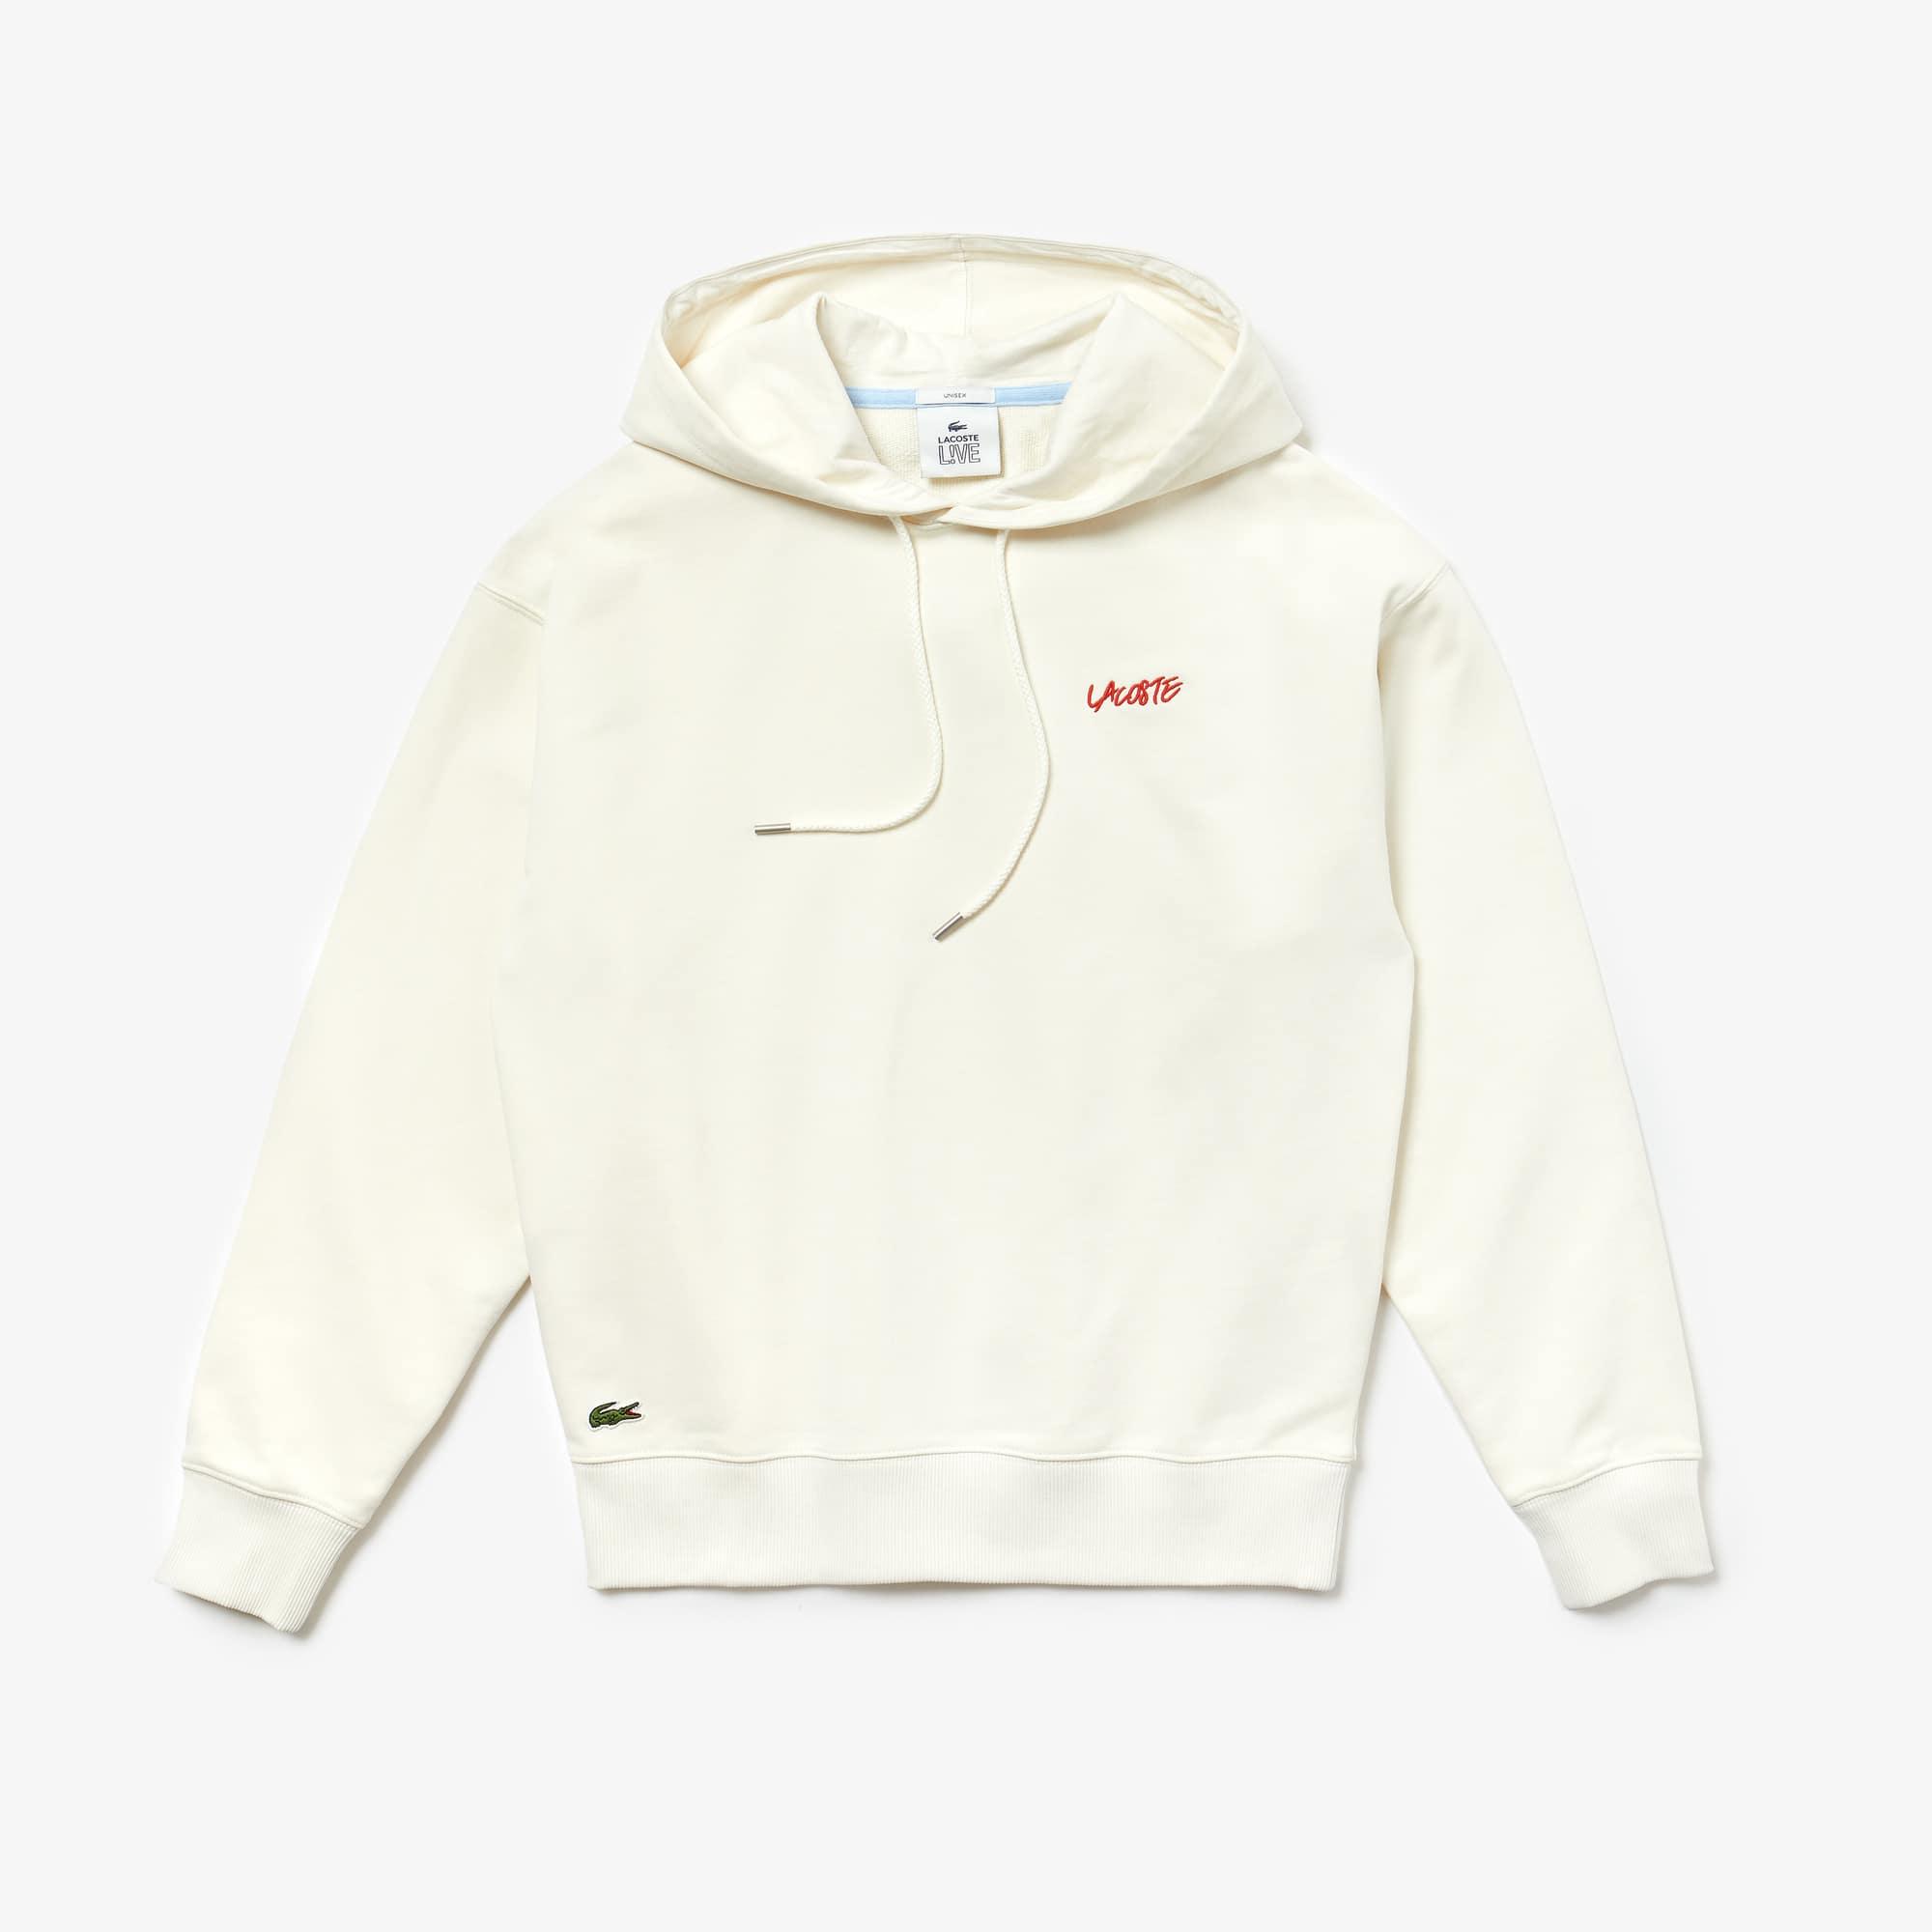 Unisex LIVE Fleece Hooded Sweatshirt